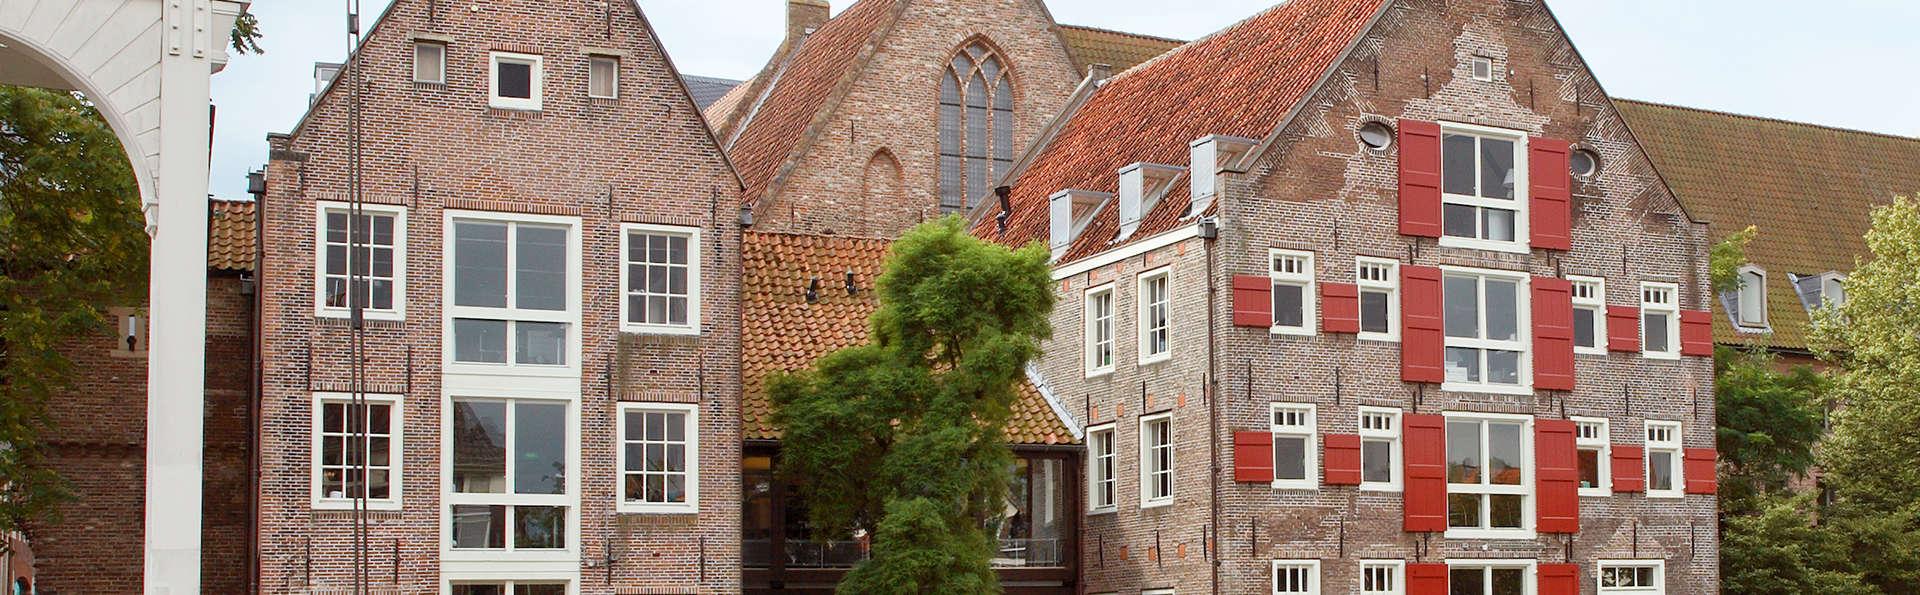 Hotel Mercure Zwolle - Edit_Zwolle.jpg